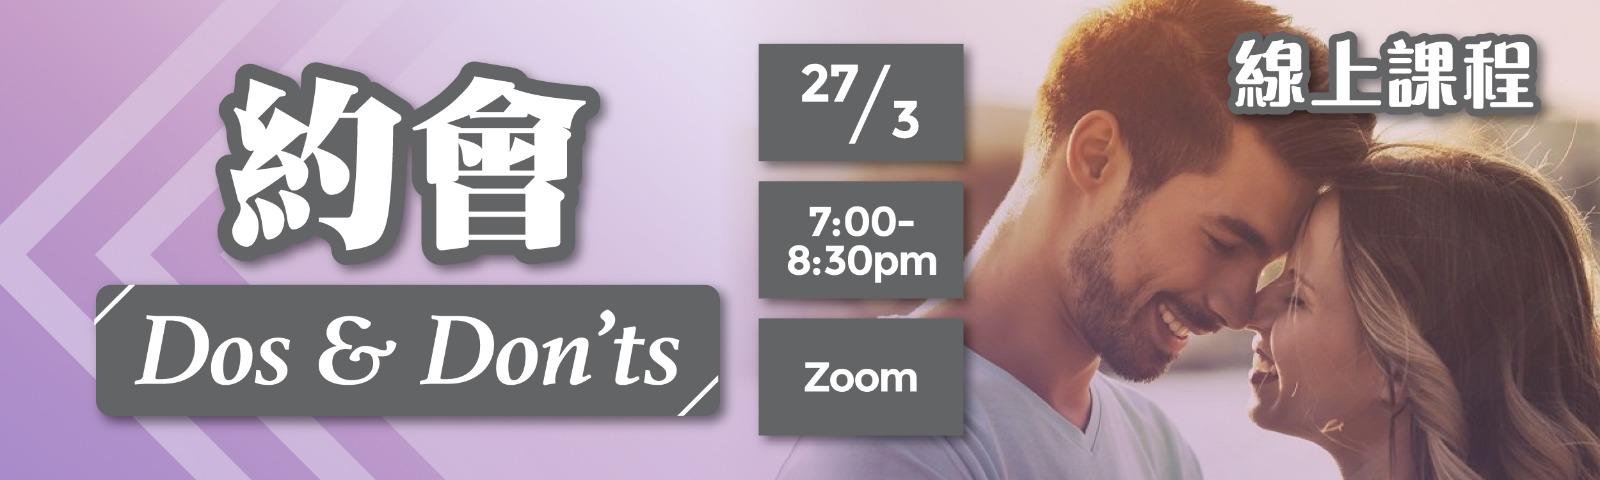 (完滿舉行)約會Dos & Don'ts (線上版) 分析衣著、溝通技巧 及成功、失敗個案 - 2020 年3月27日(星期五)  香港交友約會業總會 Hong Kong Speed Dating Federation - Speed Dating , 一對一約會, 單對單約會, 約會行業, 約會配對